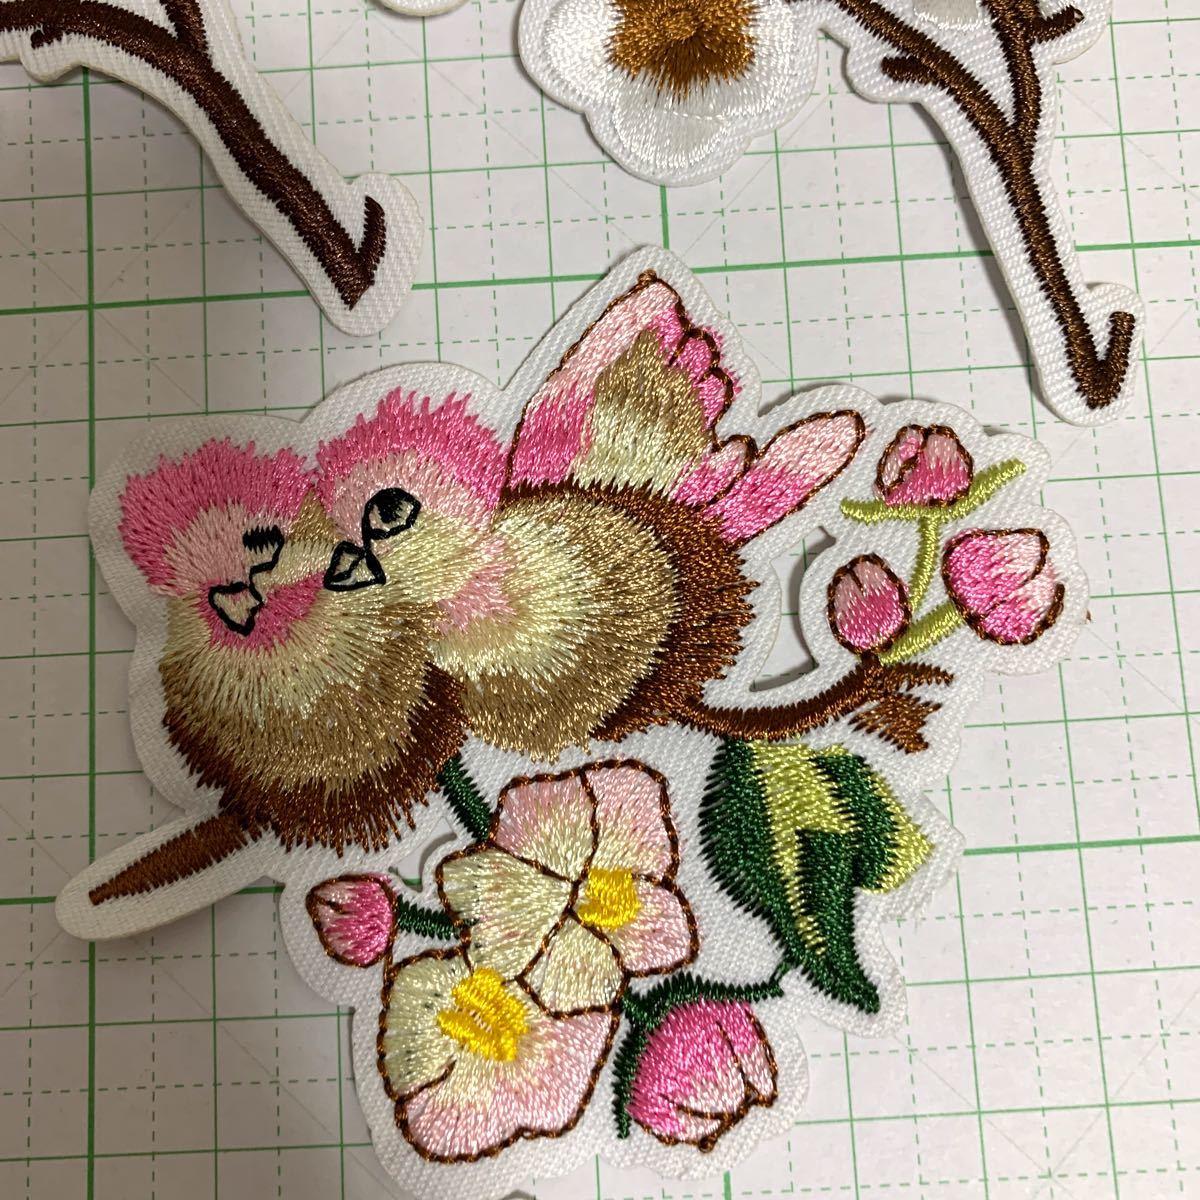 アイロンワッペン 入園準備 アップリケ 春の花 刺繍アイロンワッペン 7枚